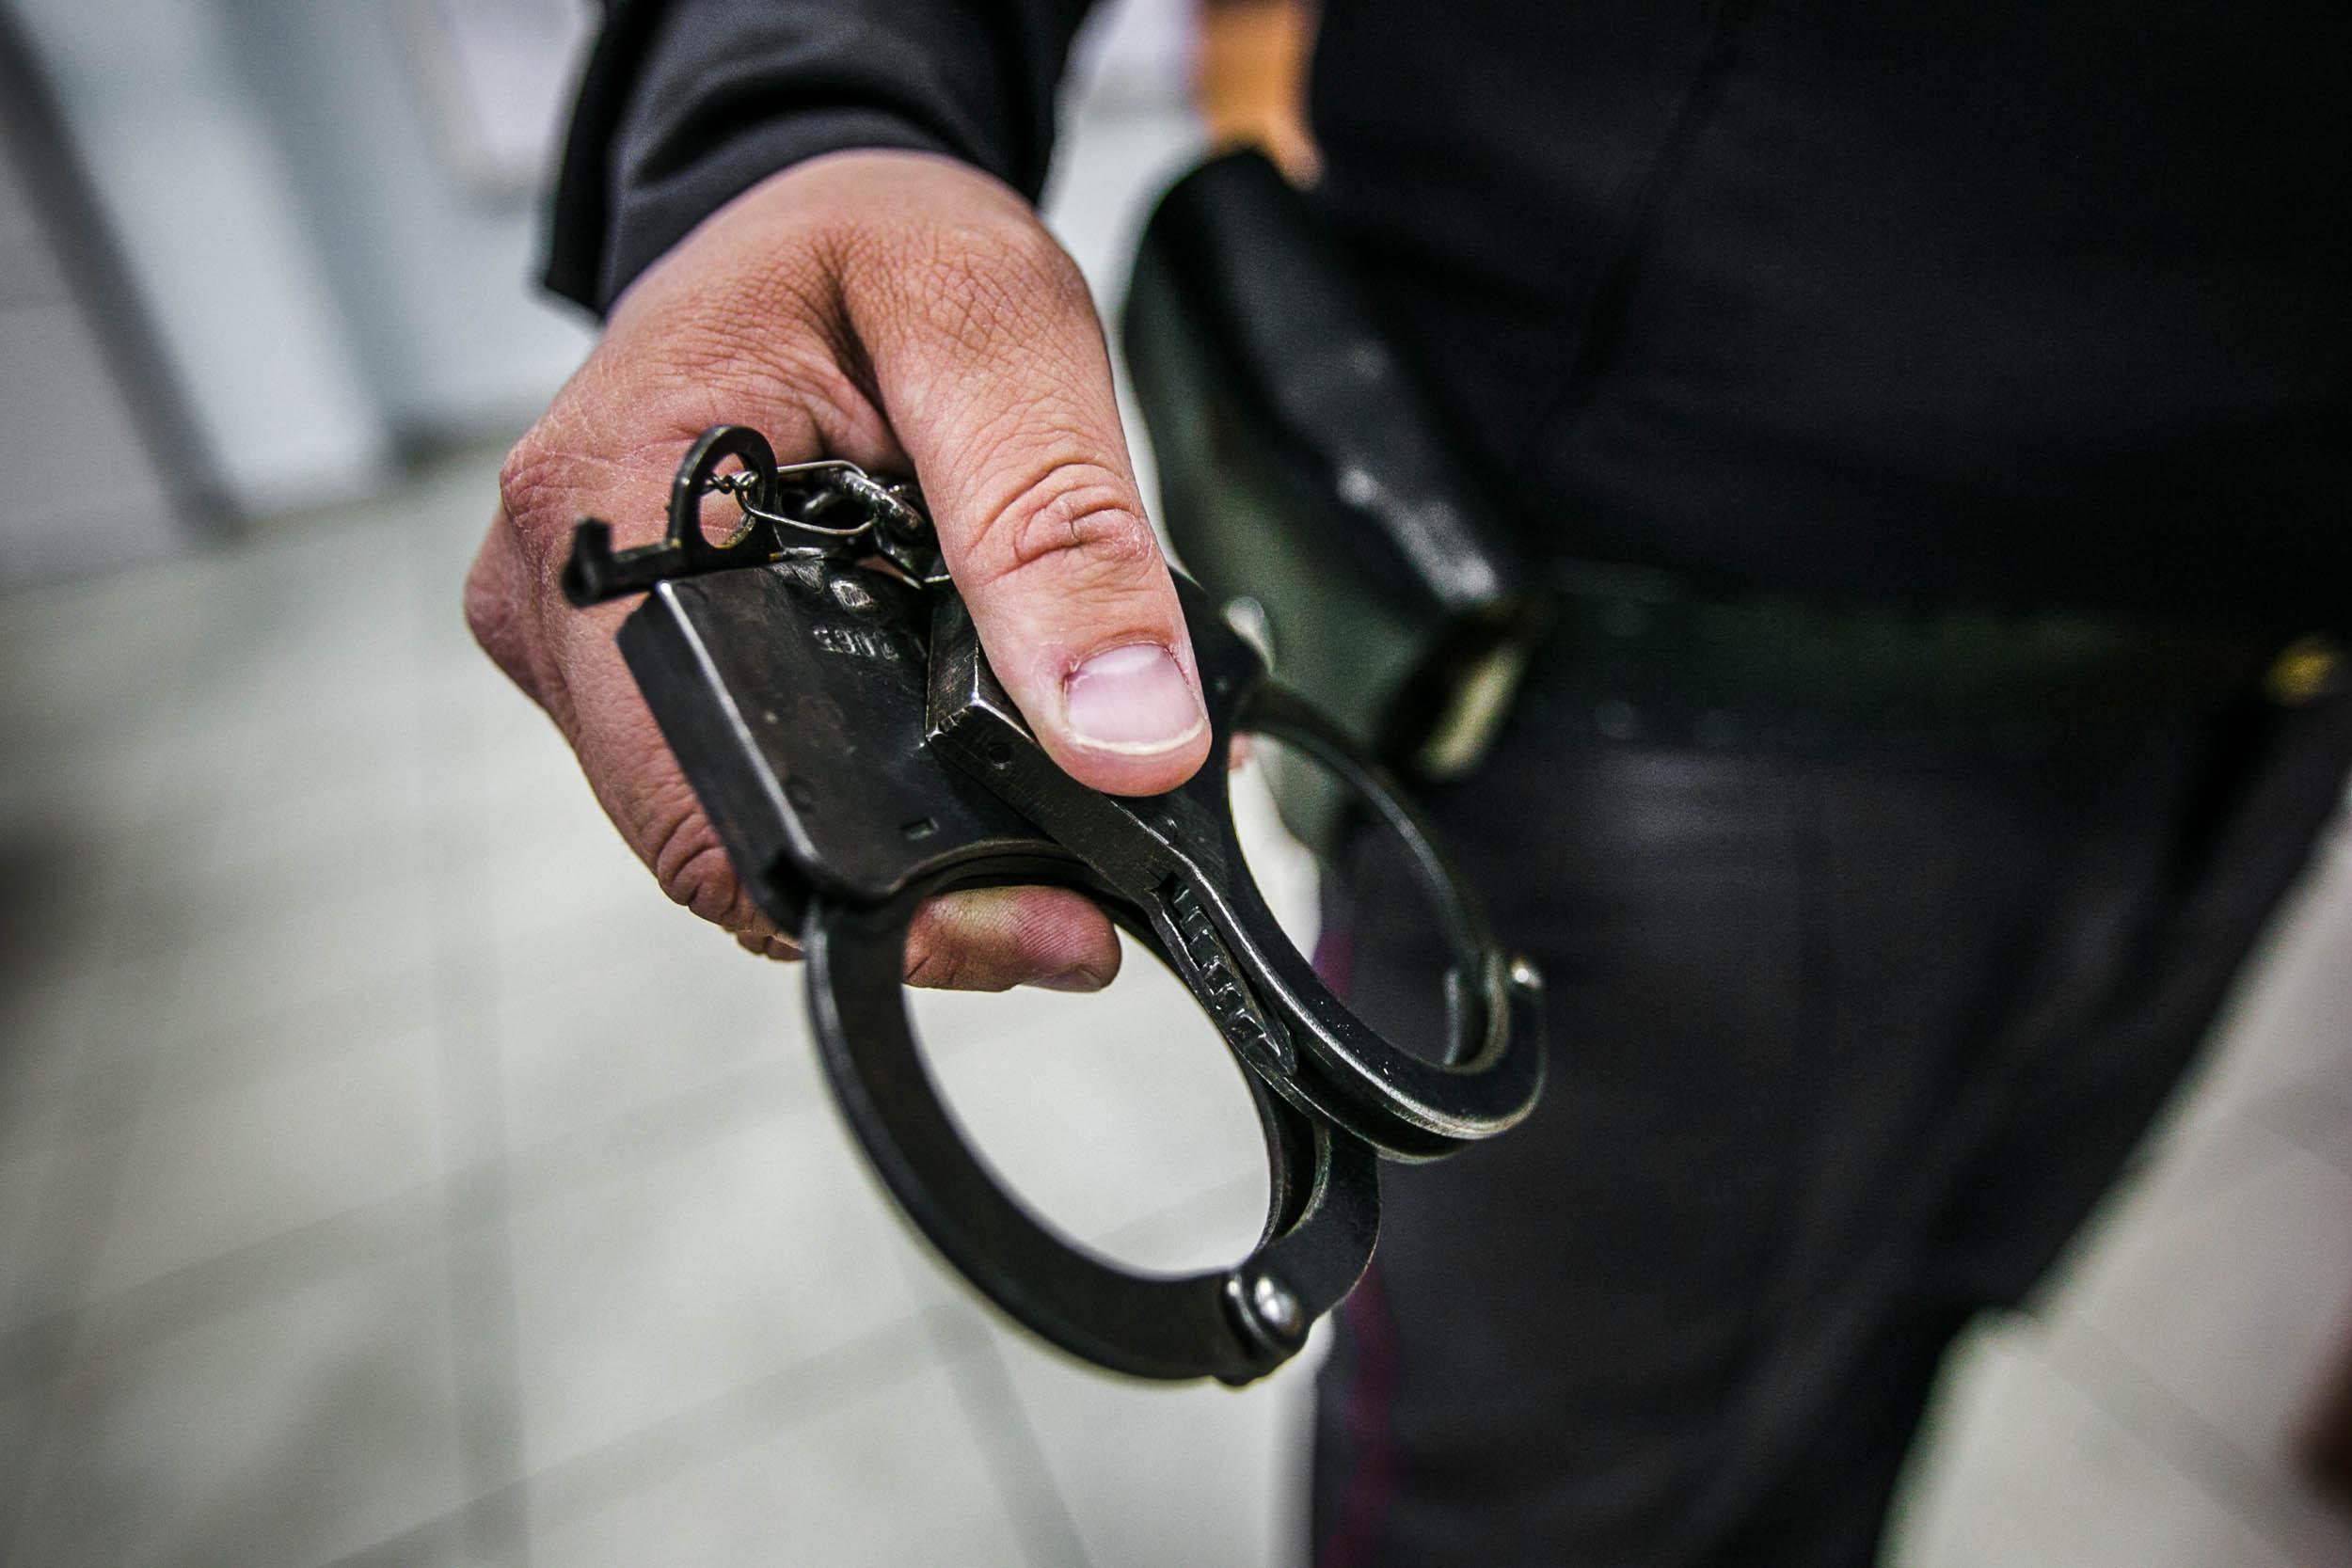 Двое дагестанцев задержаны по подозрению в финансировании терроризма